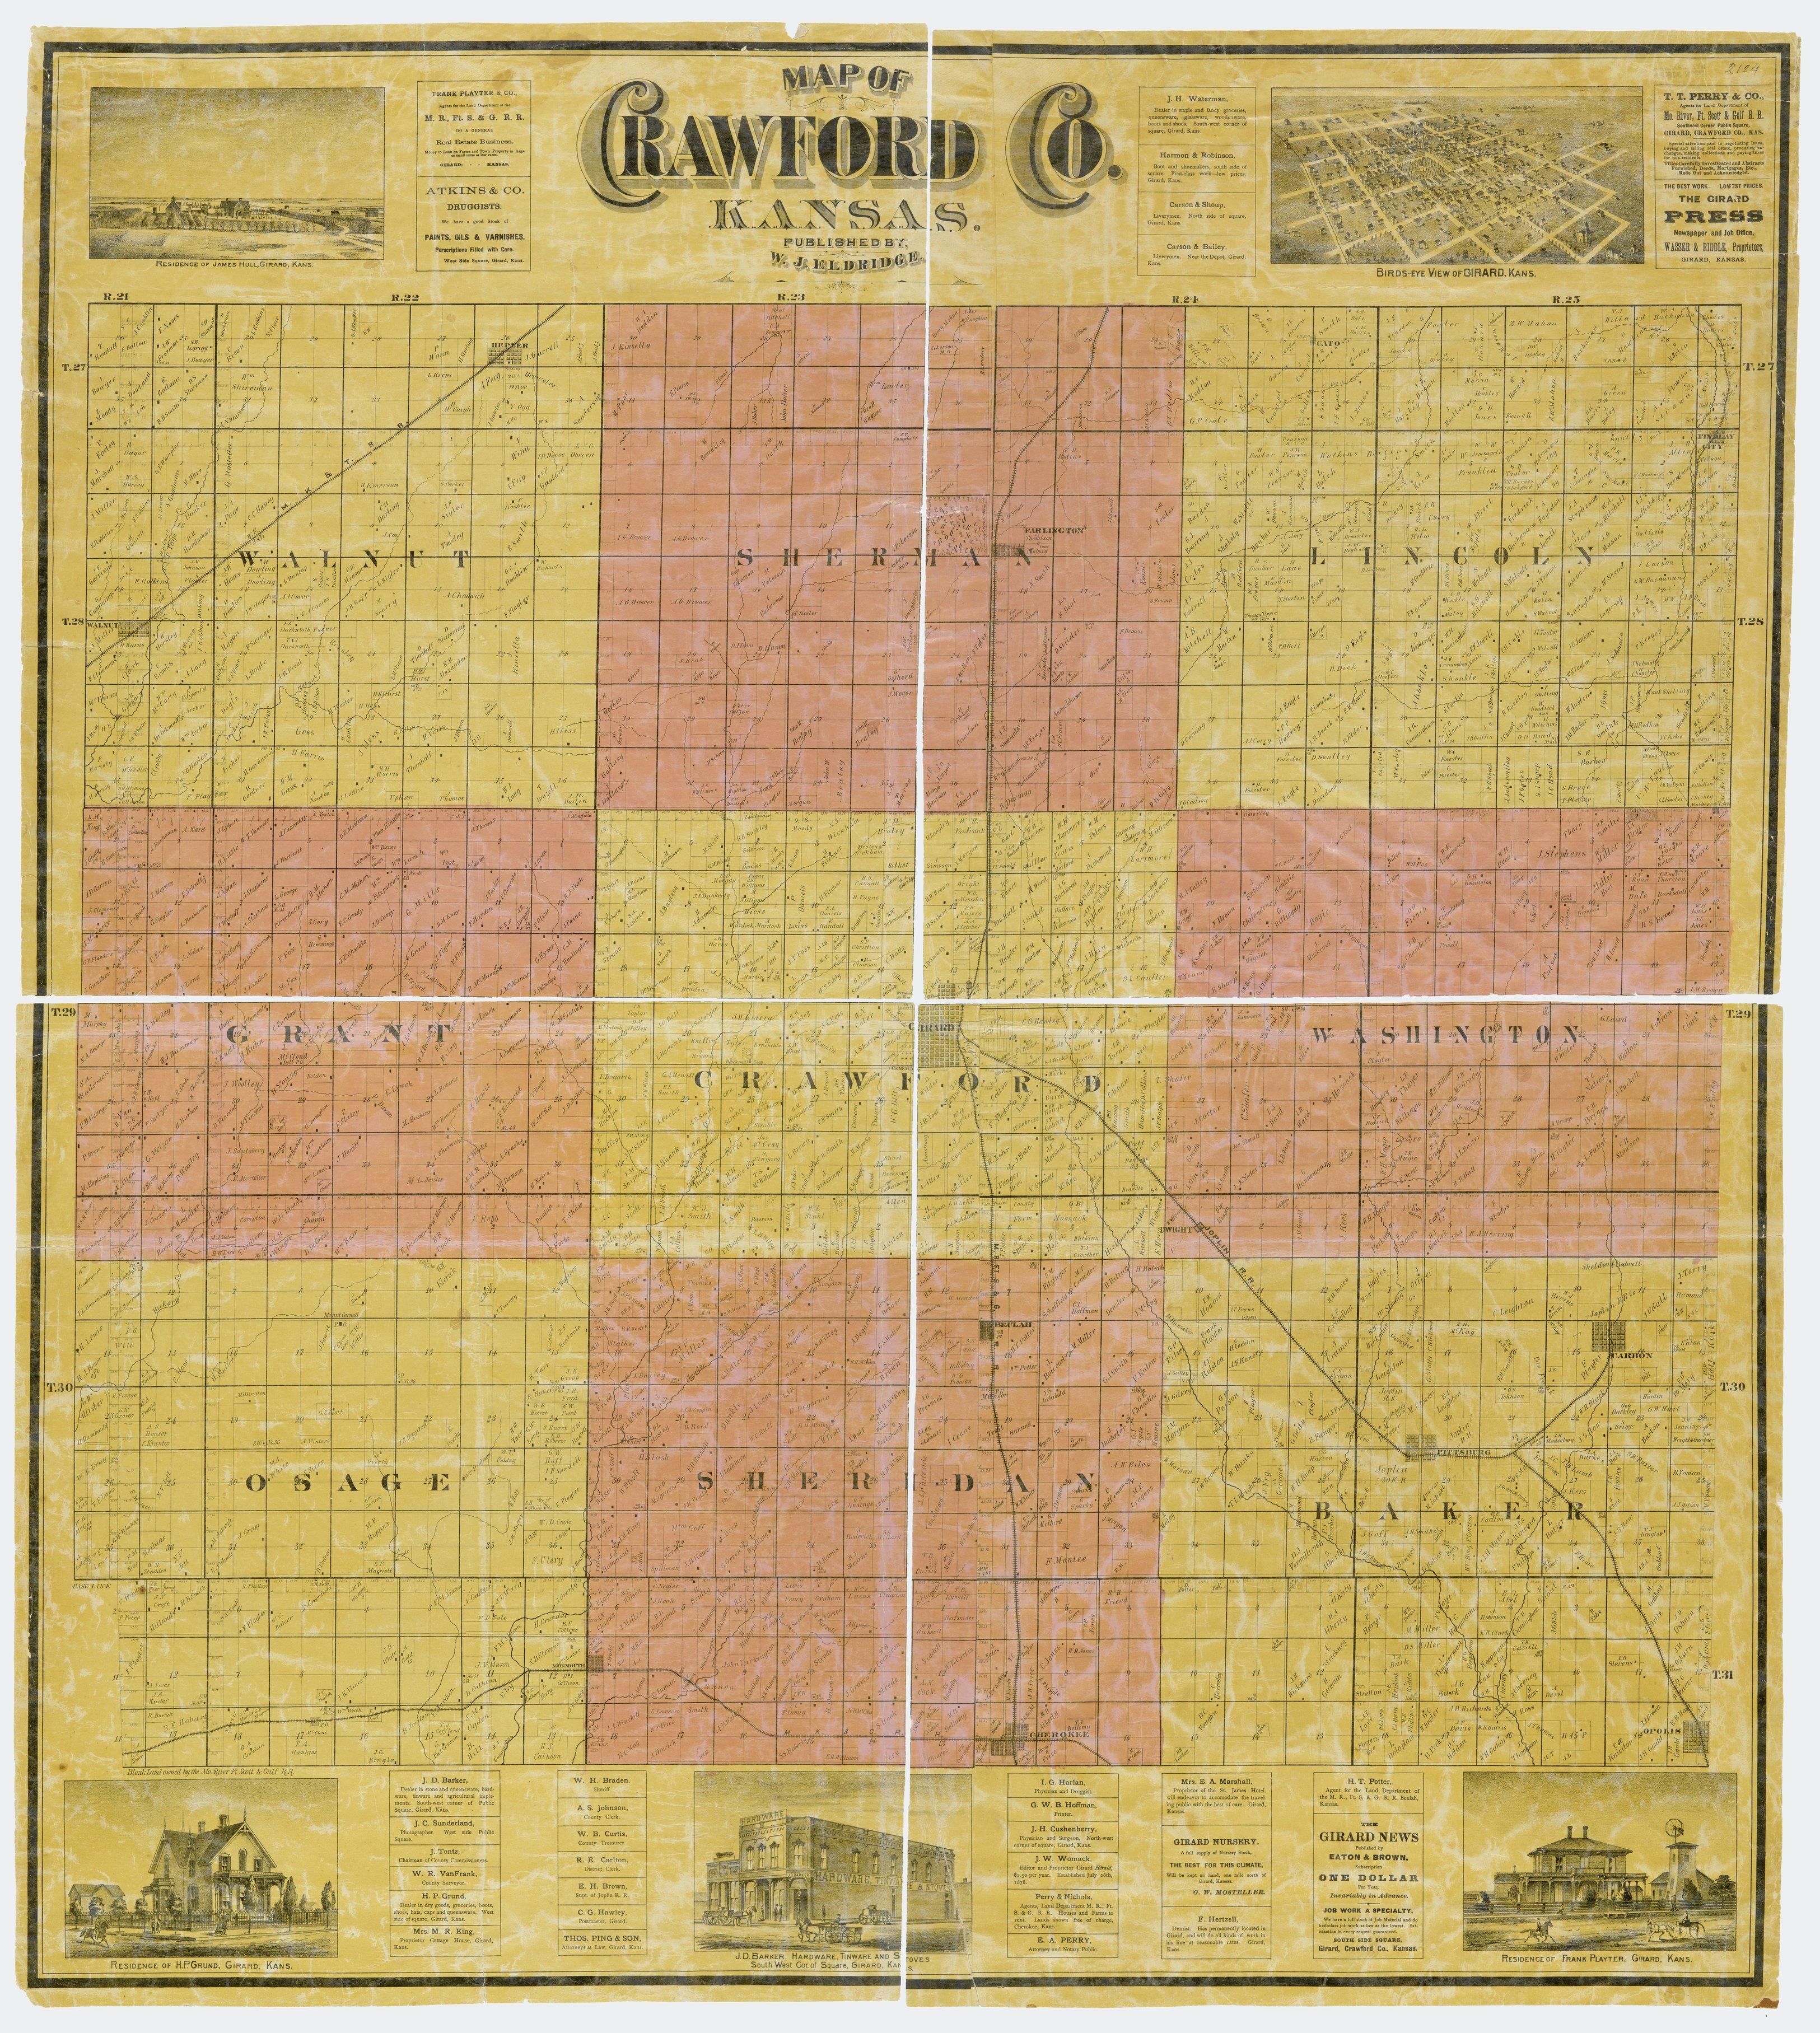 Crawford County, Kansas - 1